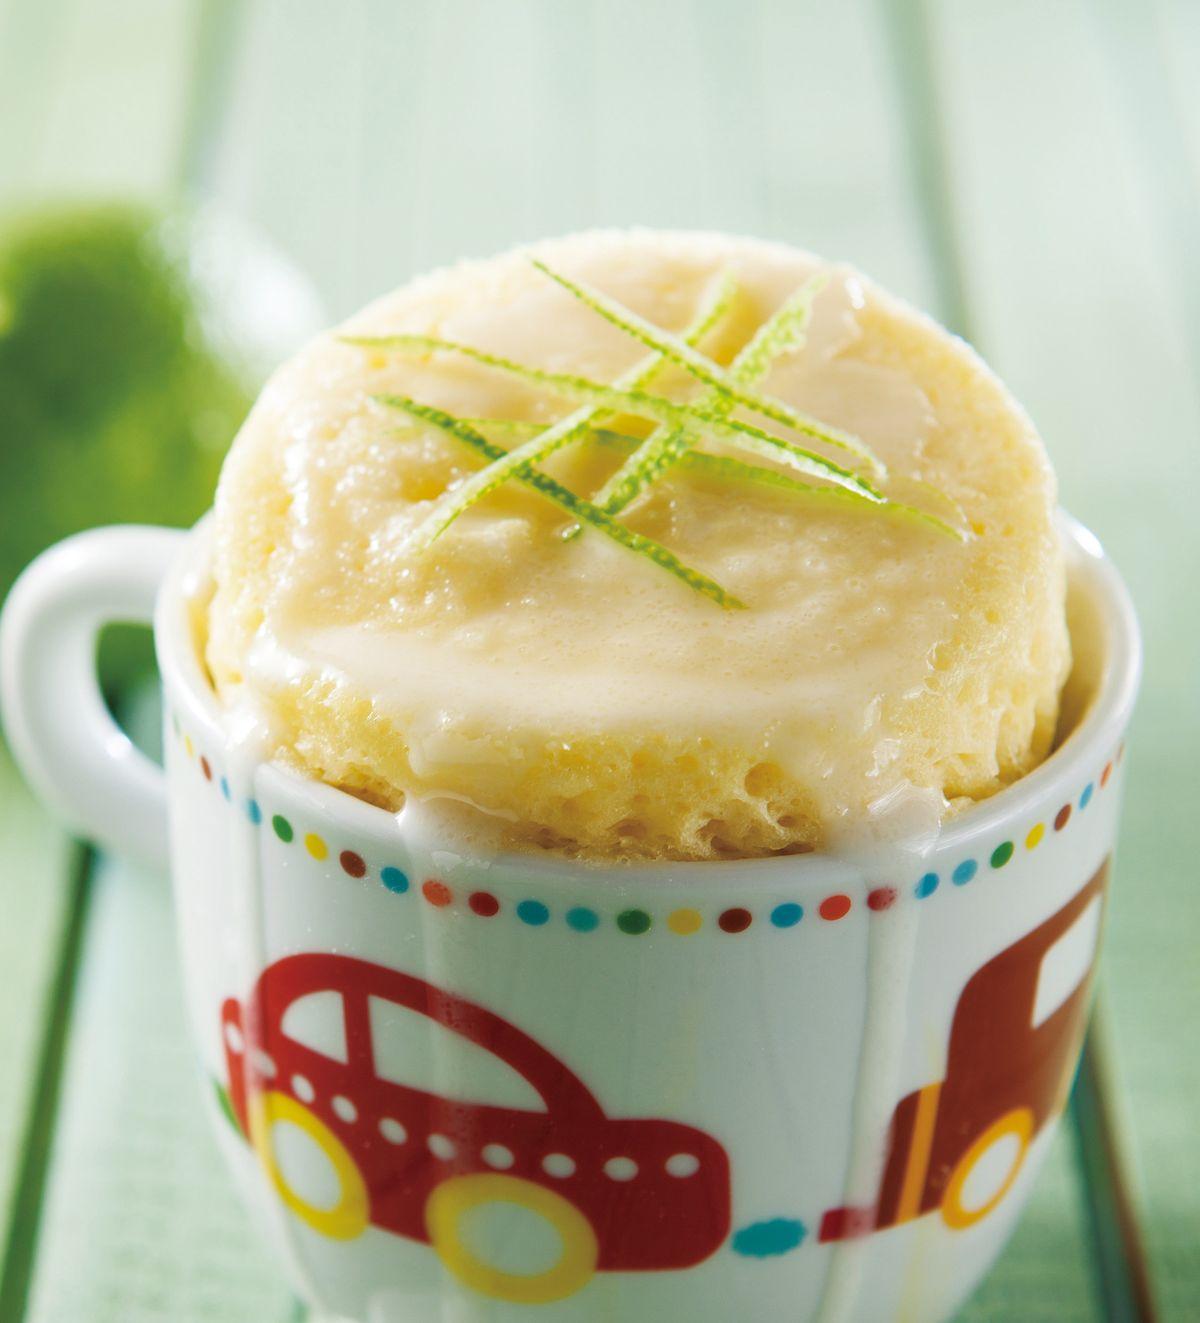 食譜:檸檬蛋糕(1)